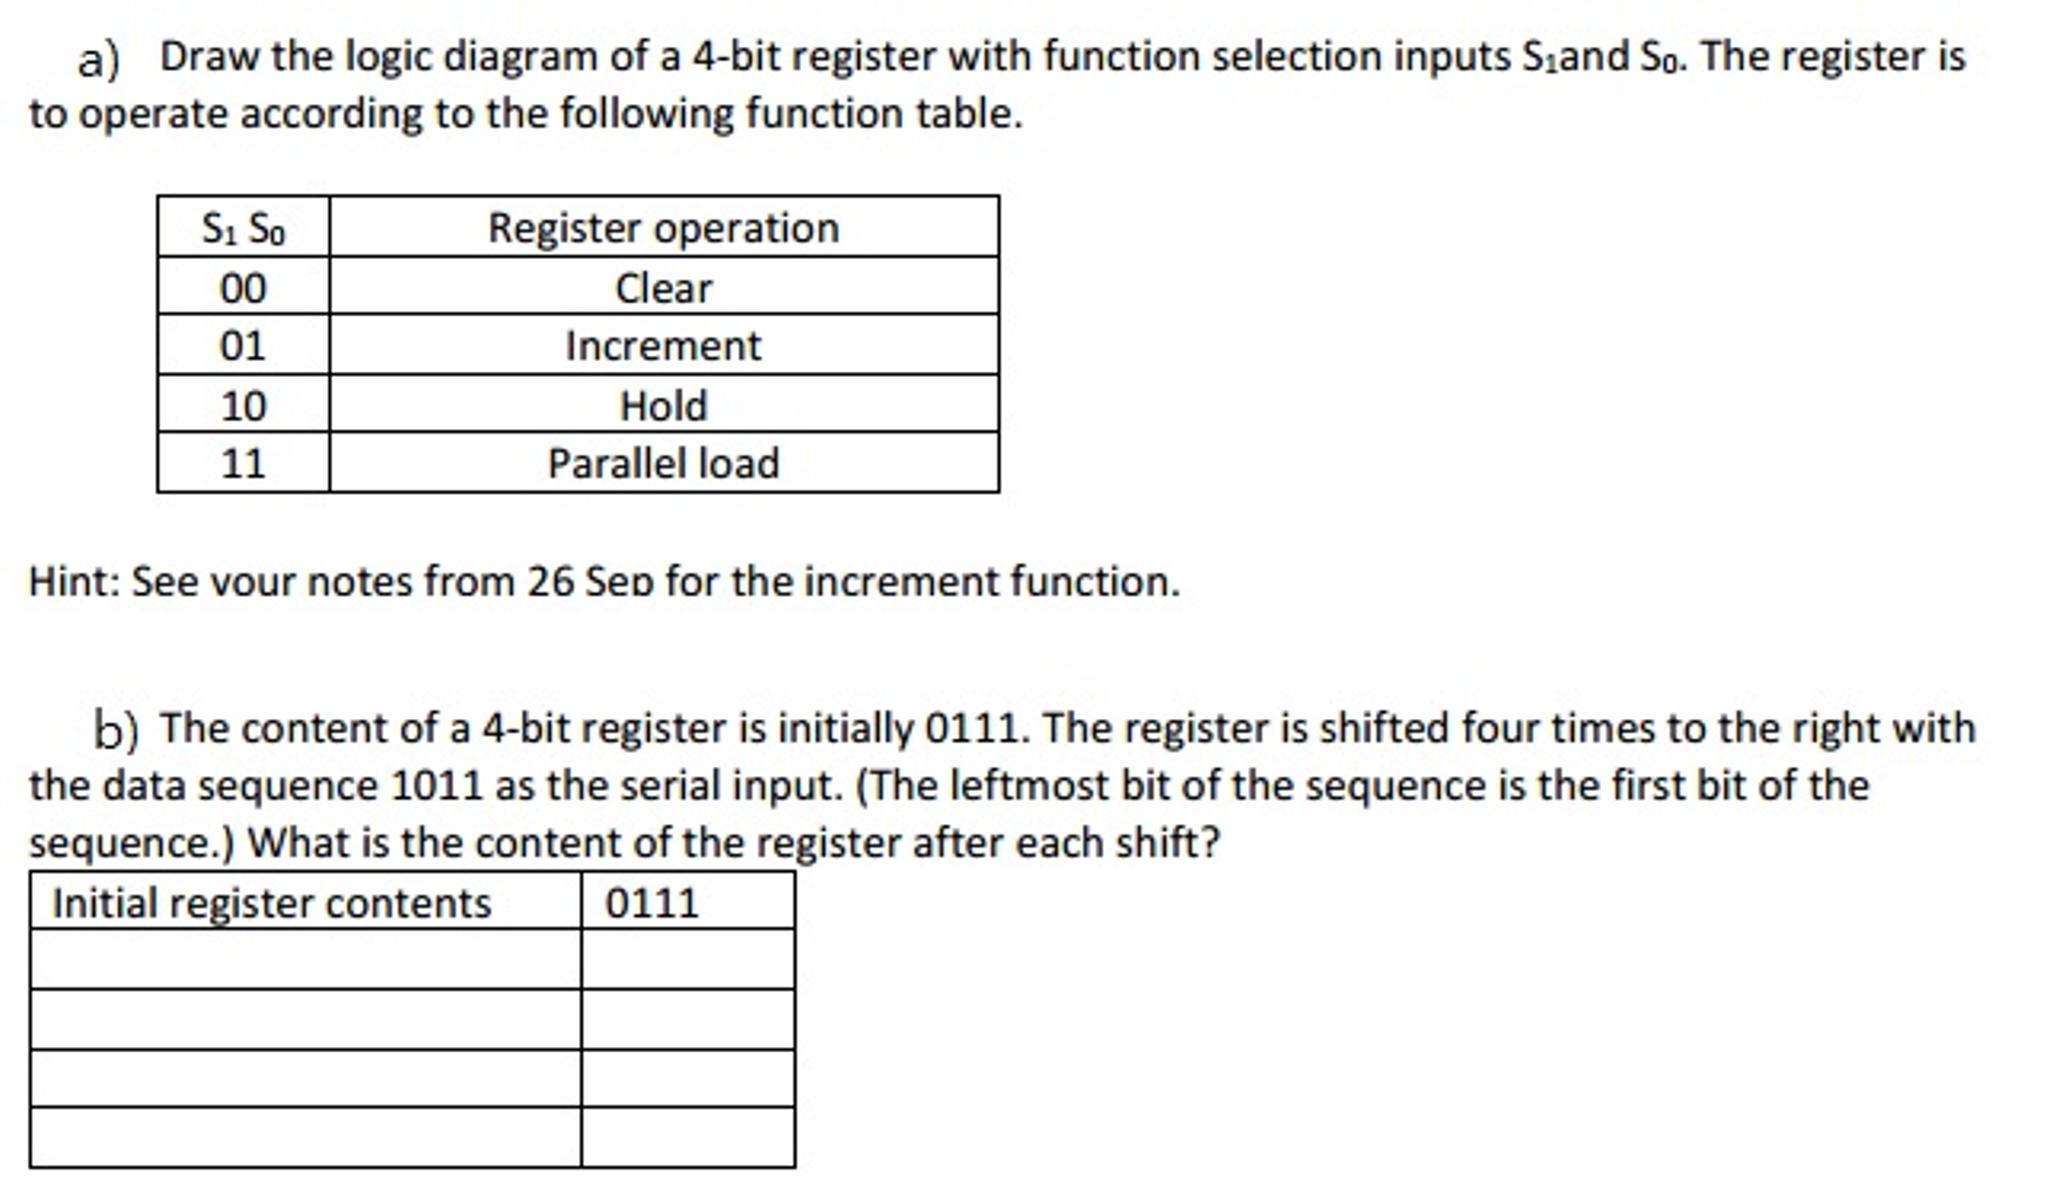 Draw The Logic Diagram Of A 4-bit Register With Fu... | Chegg.com